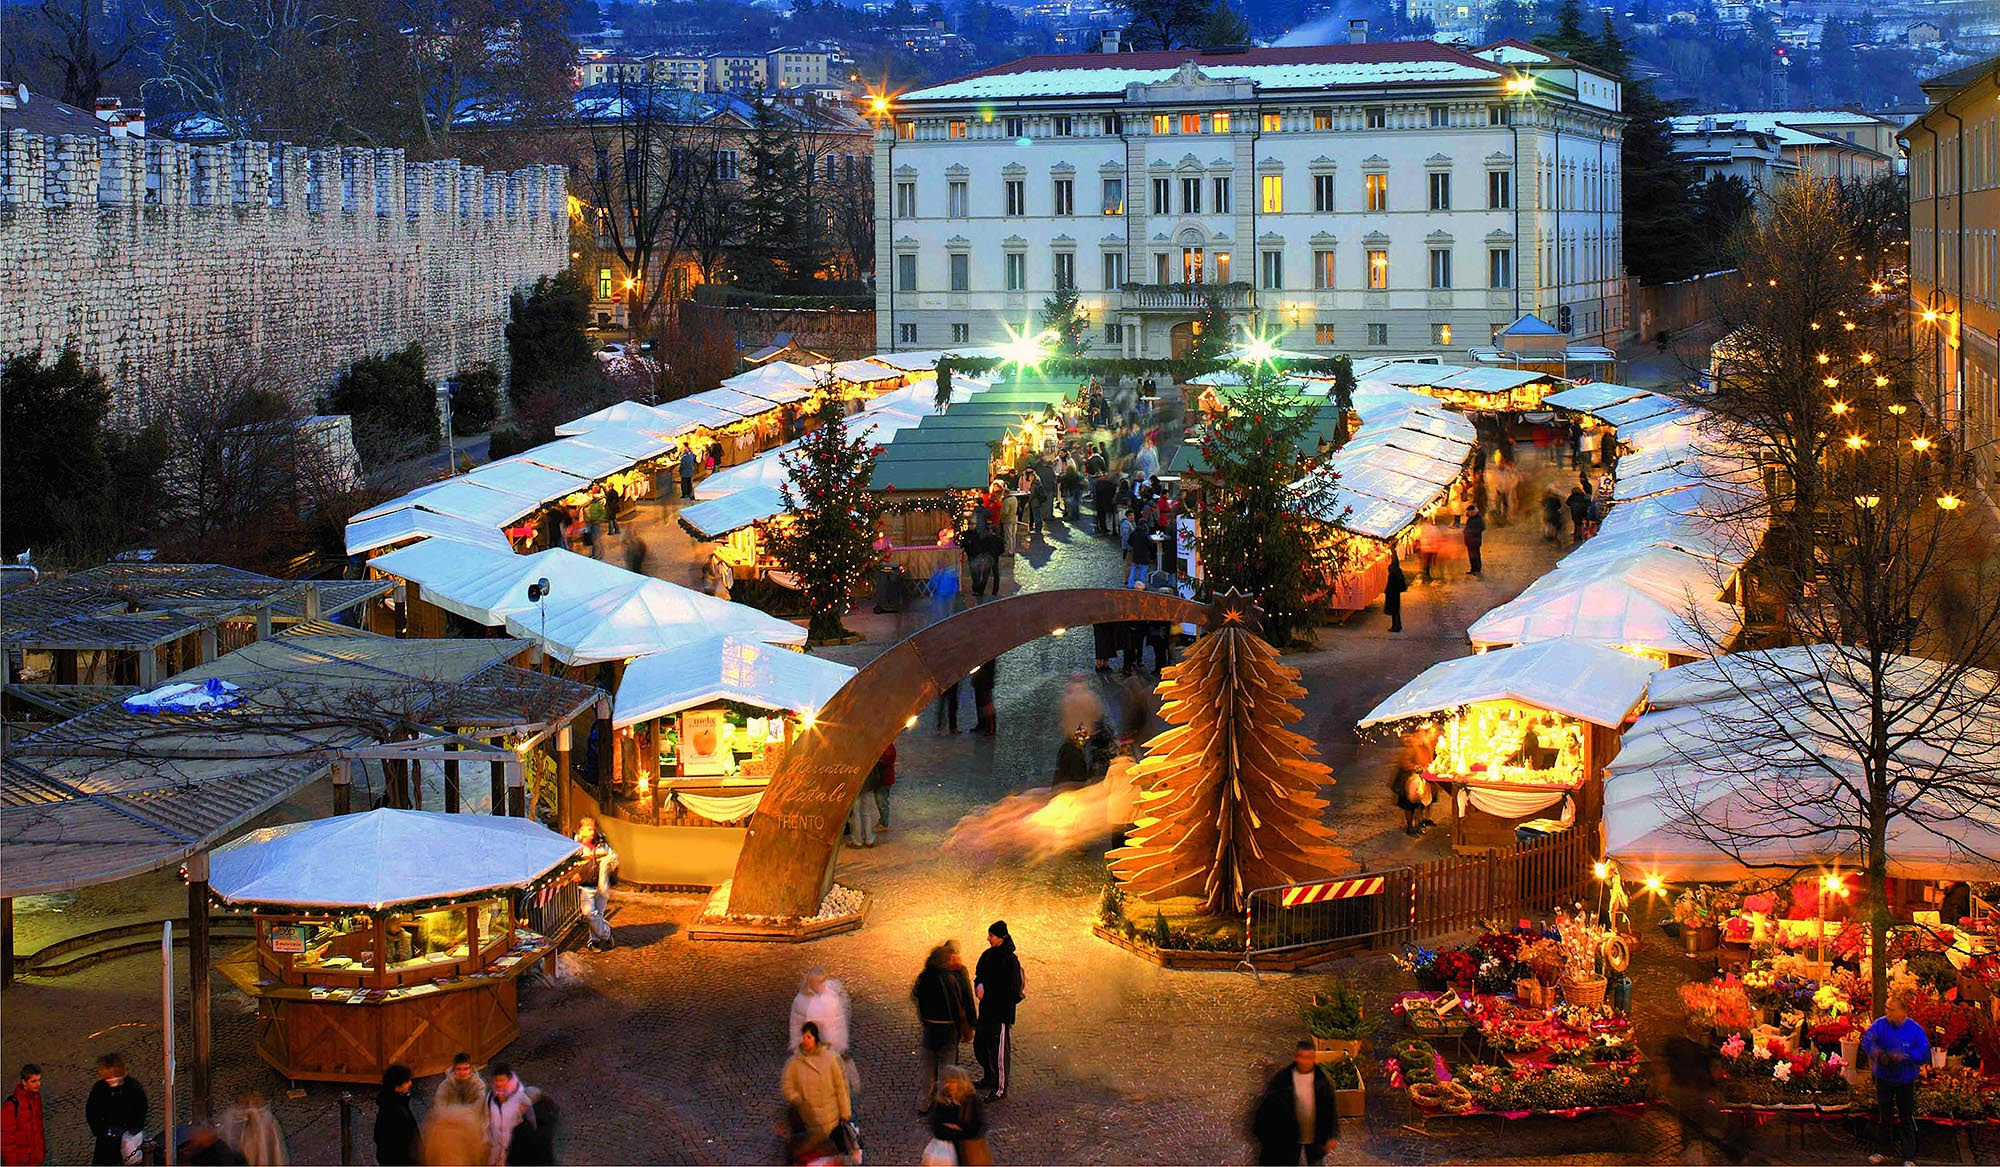 Immagini Mercatini Di Natale Trento.Mercatini Di Natale A Trento Dal 24 Novembre Al 6 Gennaio